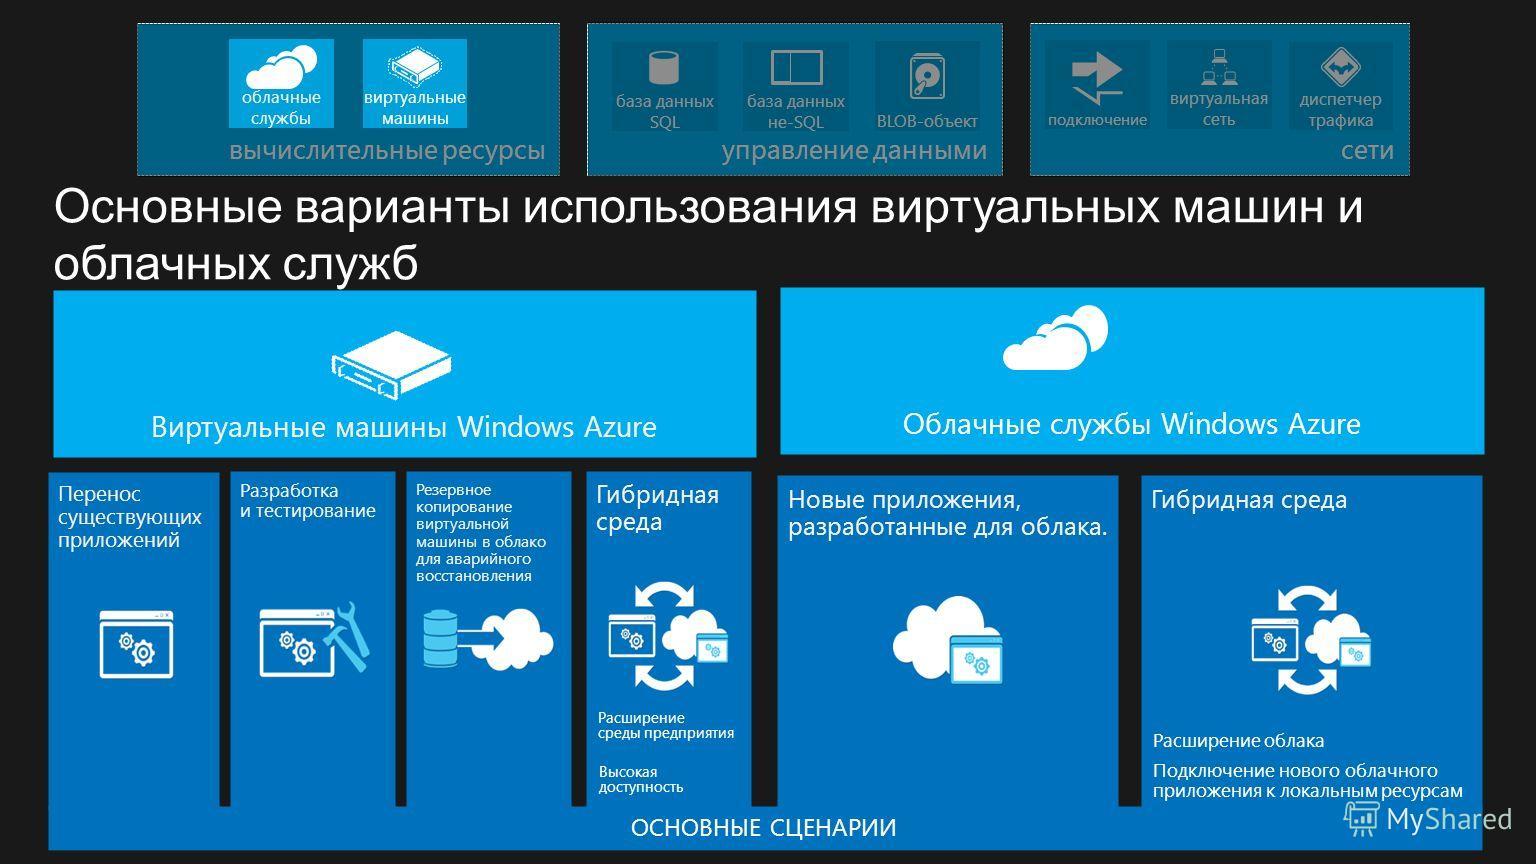 Разработка и тестирование Перенос существующих приложений ОСНОВНЫЕ СЦЕНАРИИ Новые приложения, разработанные для облака. Резервное копирование виртуальной машины в облако для аварийного восстановления Гибридная среда Виртуальные машины Windows Azure О